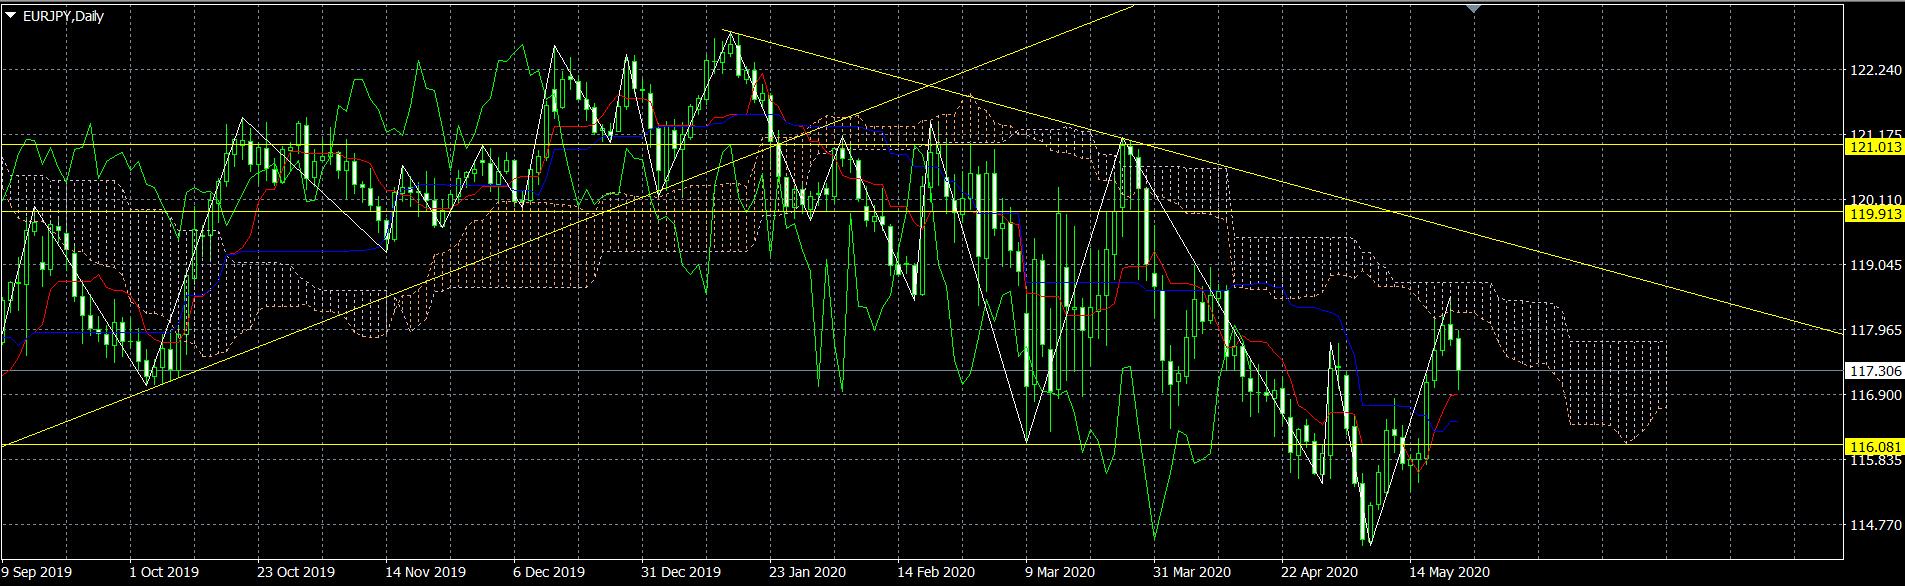 ユーロ円予想見通しチャート20200525